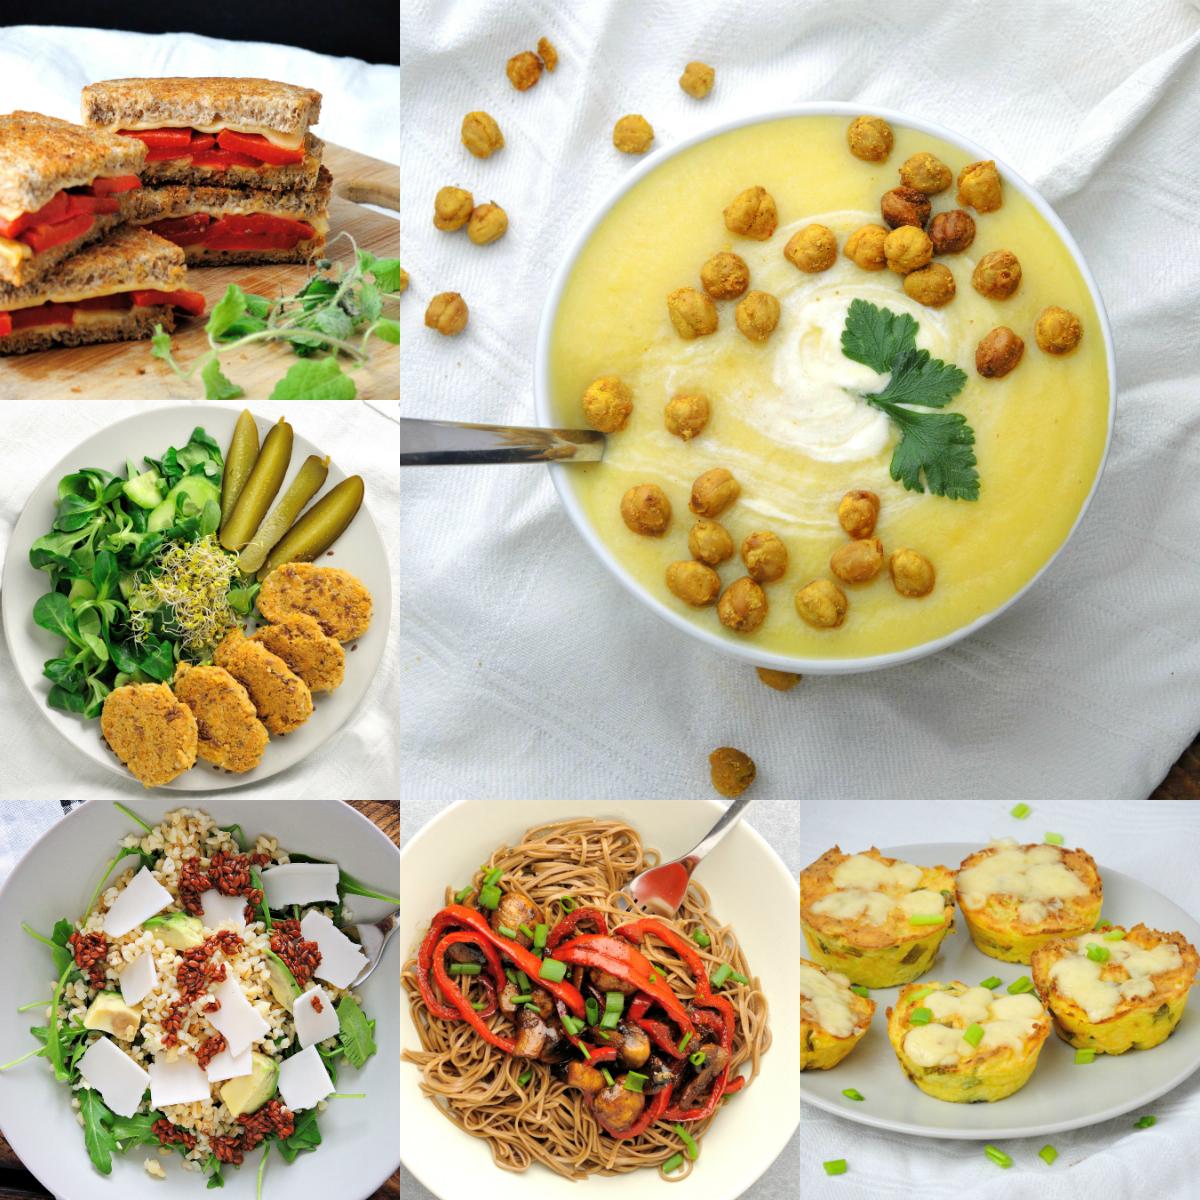 6 pomysłów na wegetariańskie obiady w środku tygodnia